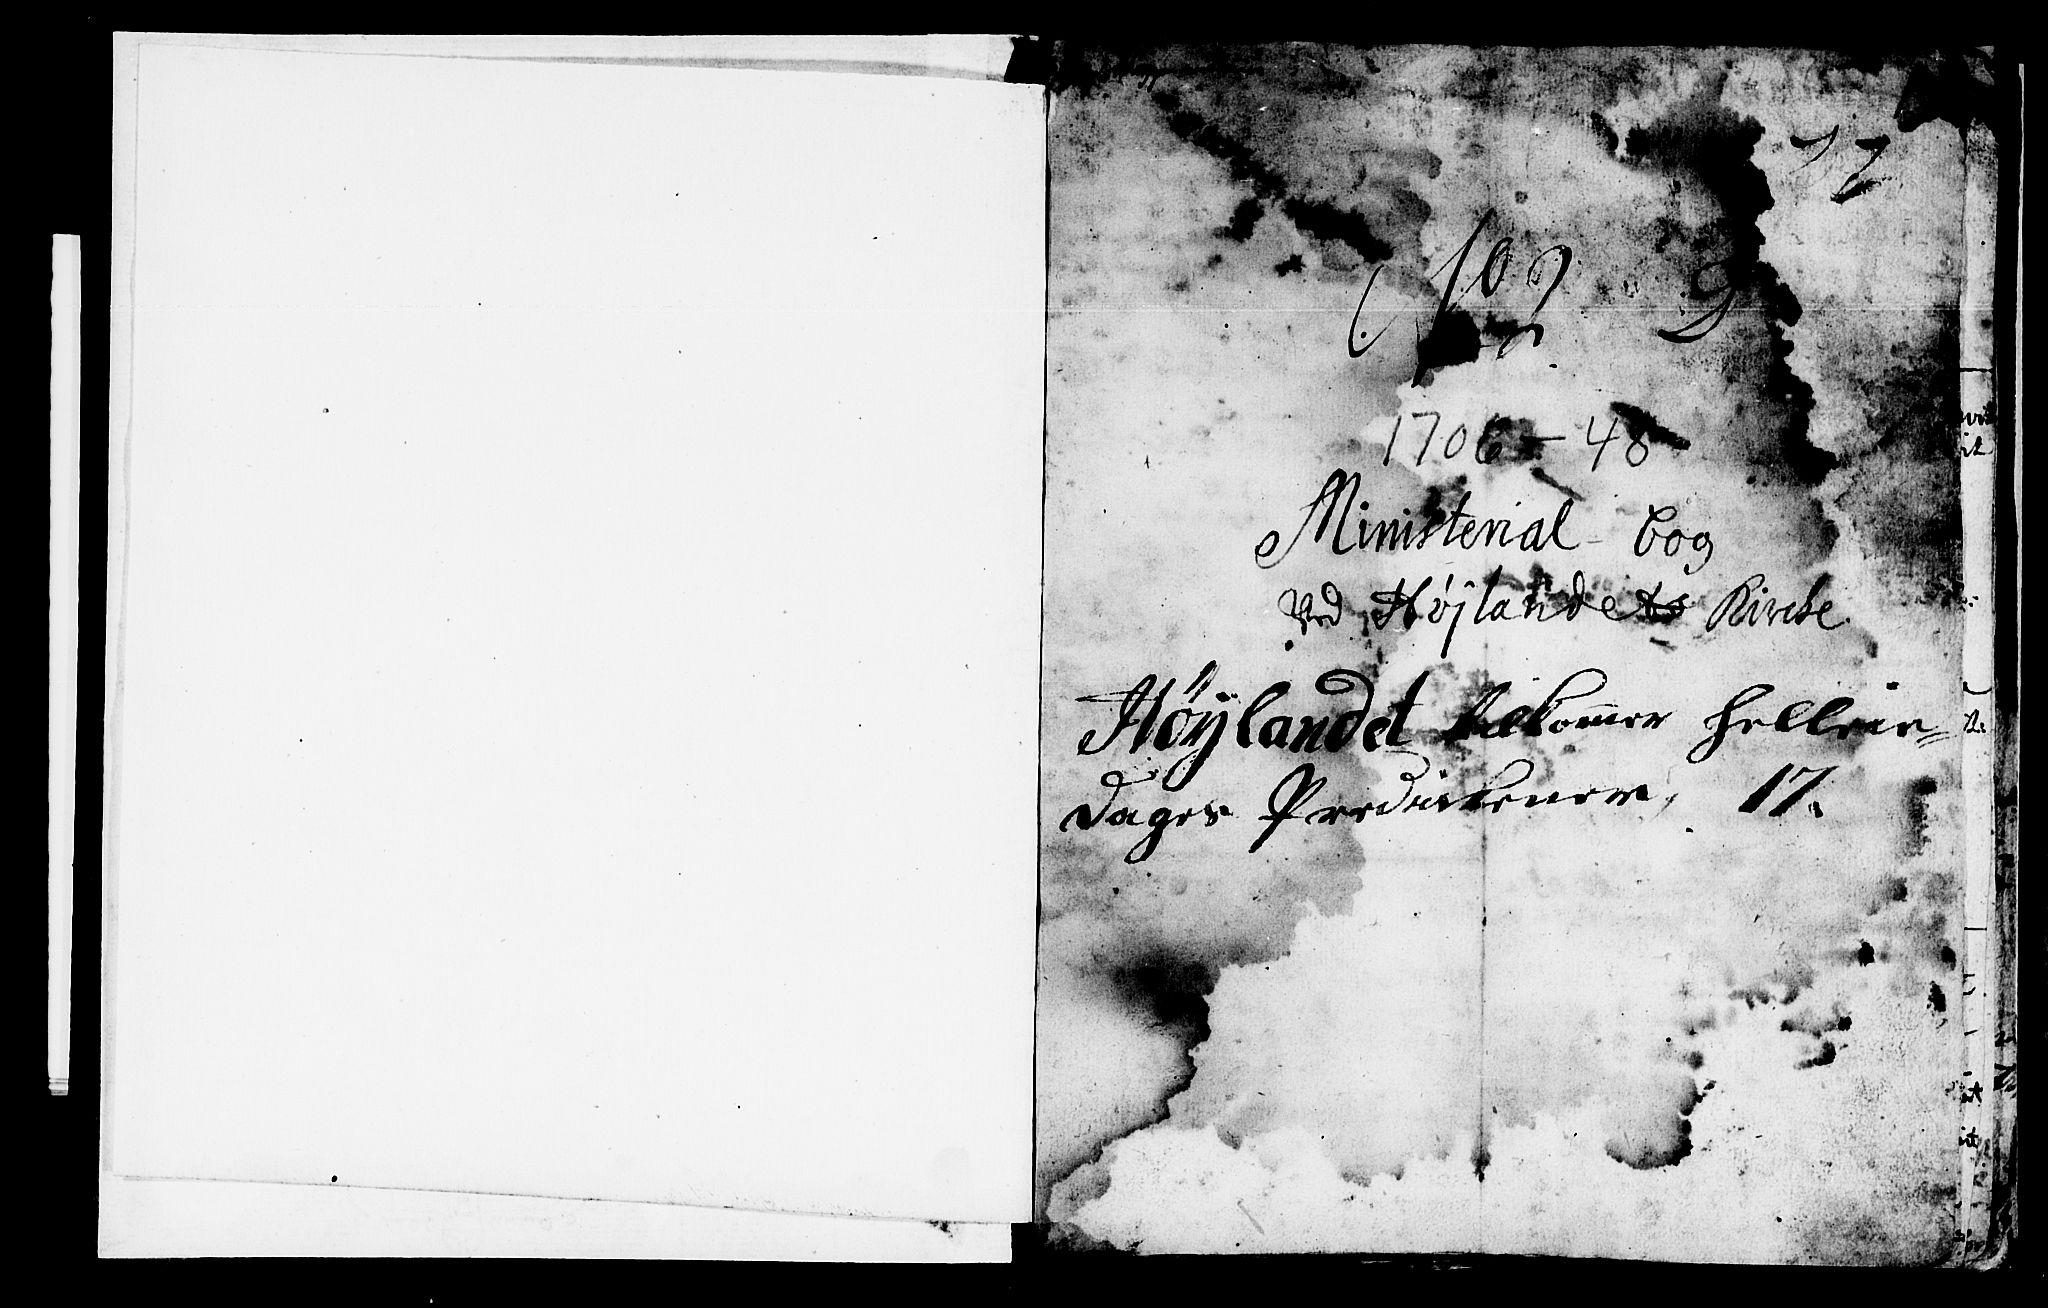 SAT, Ministerialprotokoller, klokkerbøker og fødselsregistre - Nord-Trøndelag, 765/L0560: Ministerialbok nr. 765A01, 1706-1748